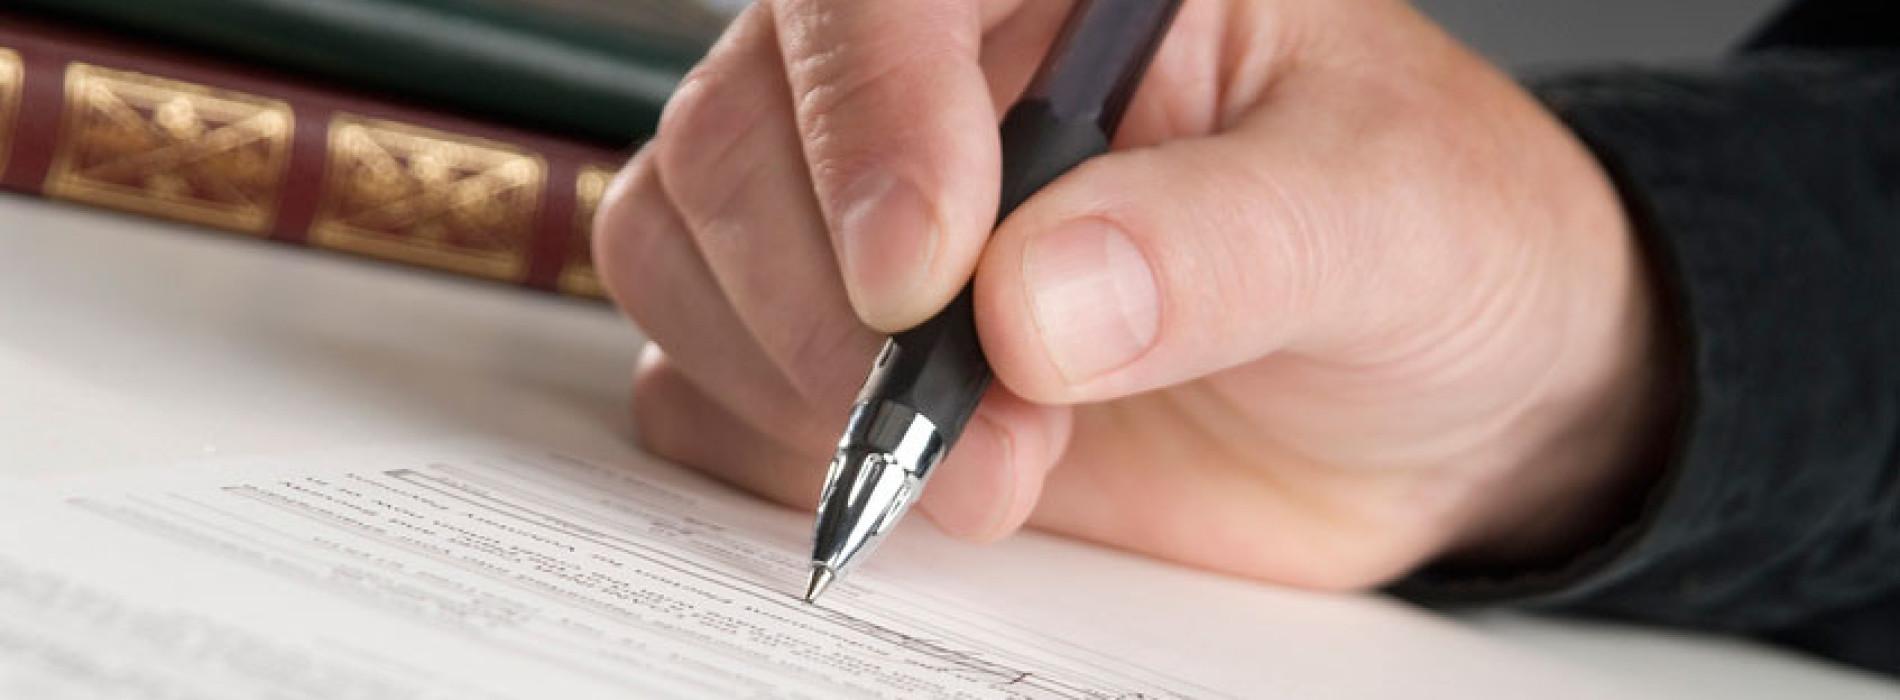 Jakie prawa ma pracownik zatrudniony na podstawie umowy zlecenie?